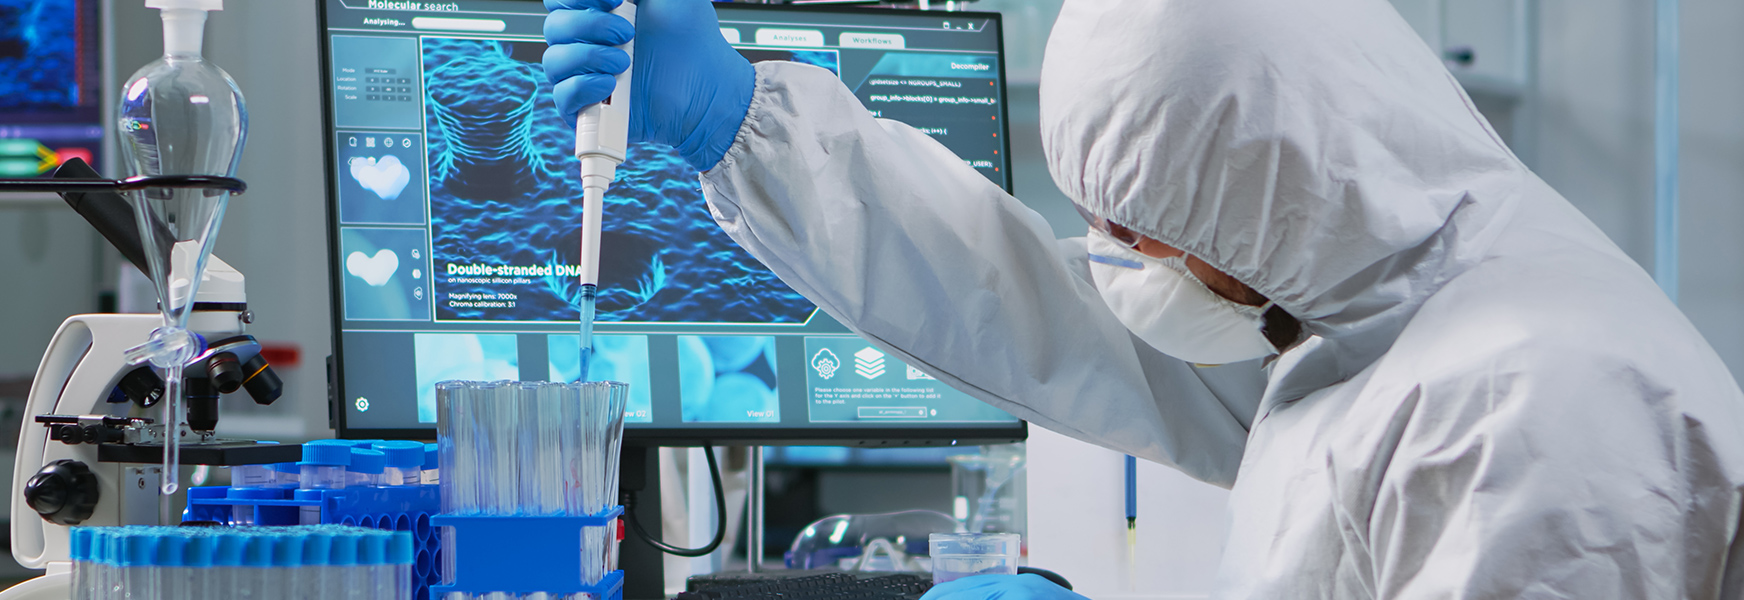 Scientist working in vaccine lab